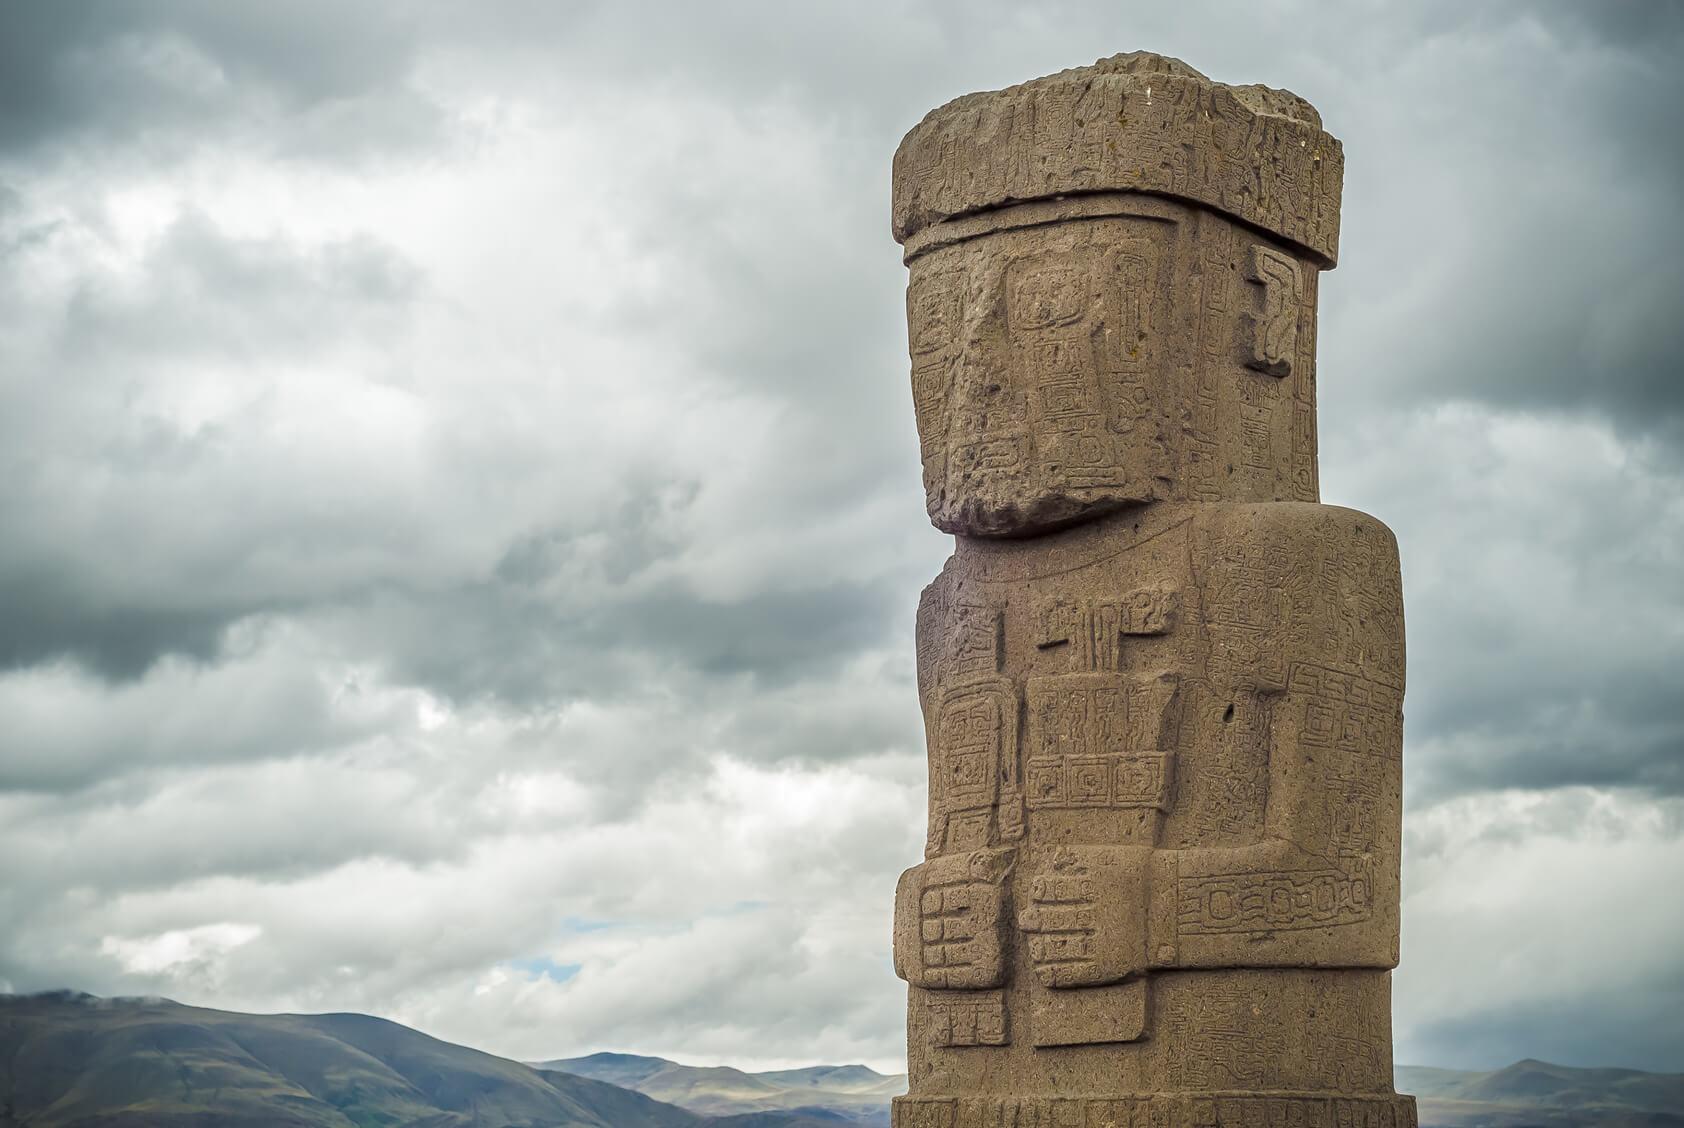 Resultado de imagen para cultura tiahuanaco